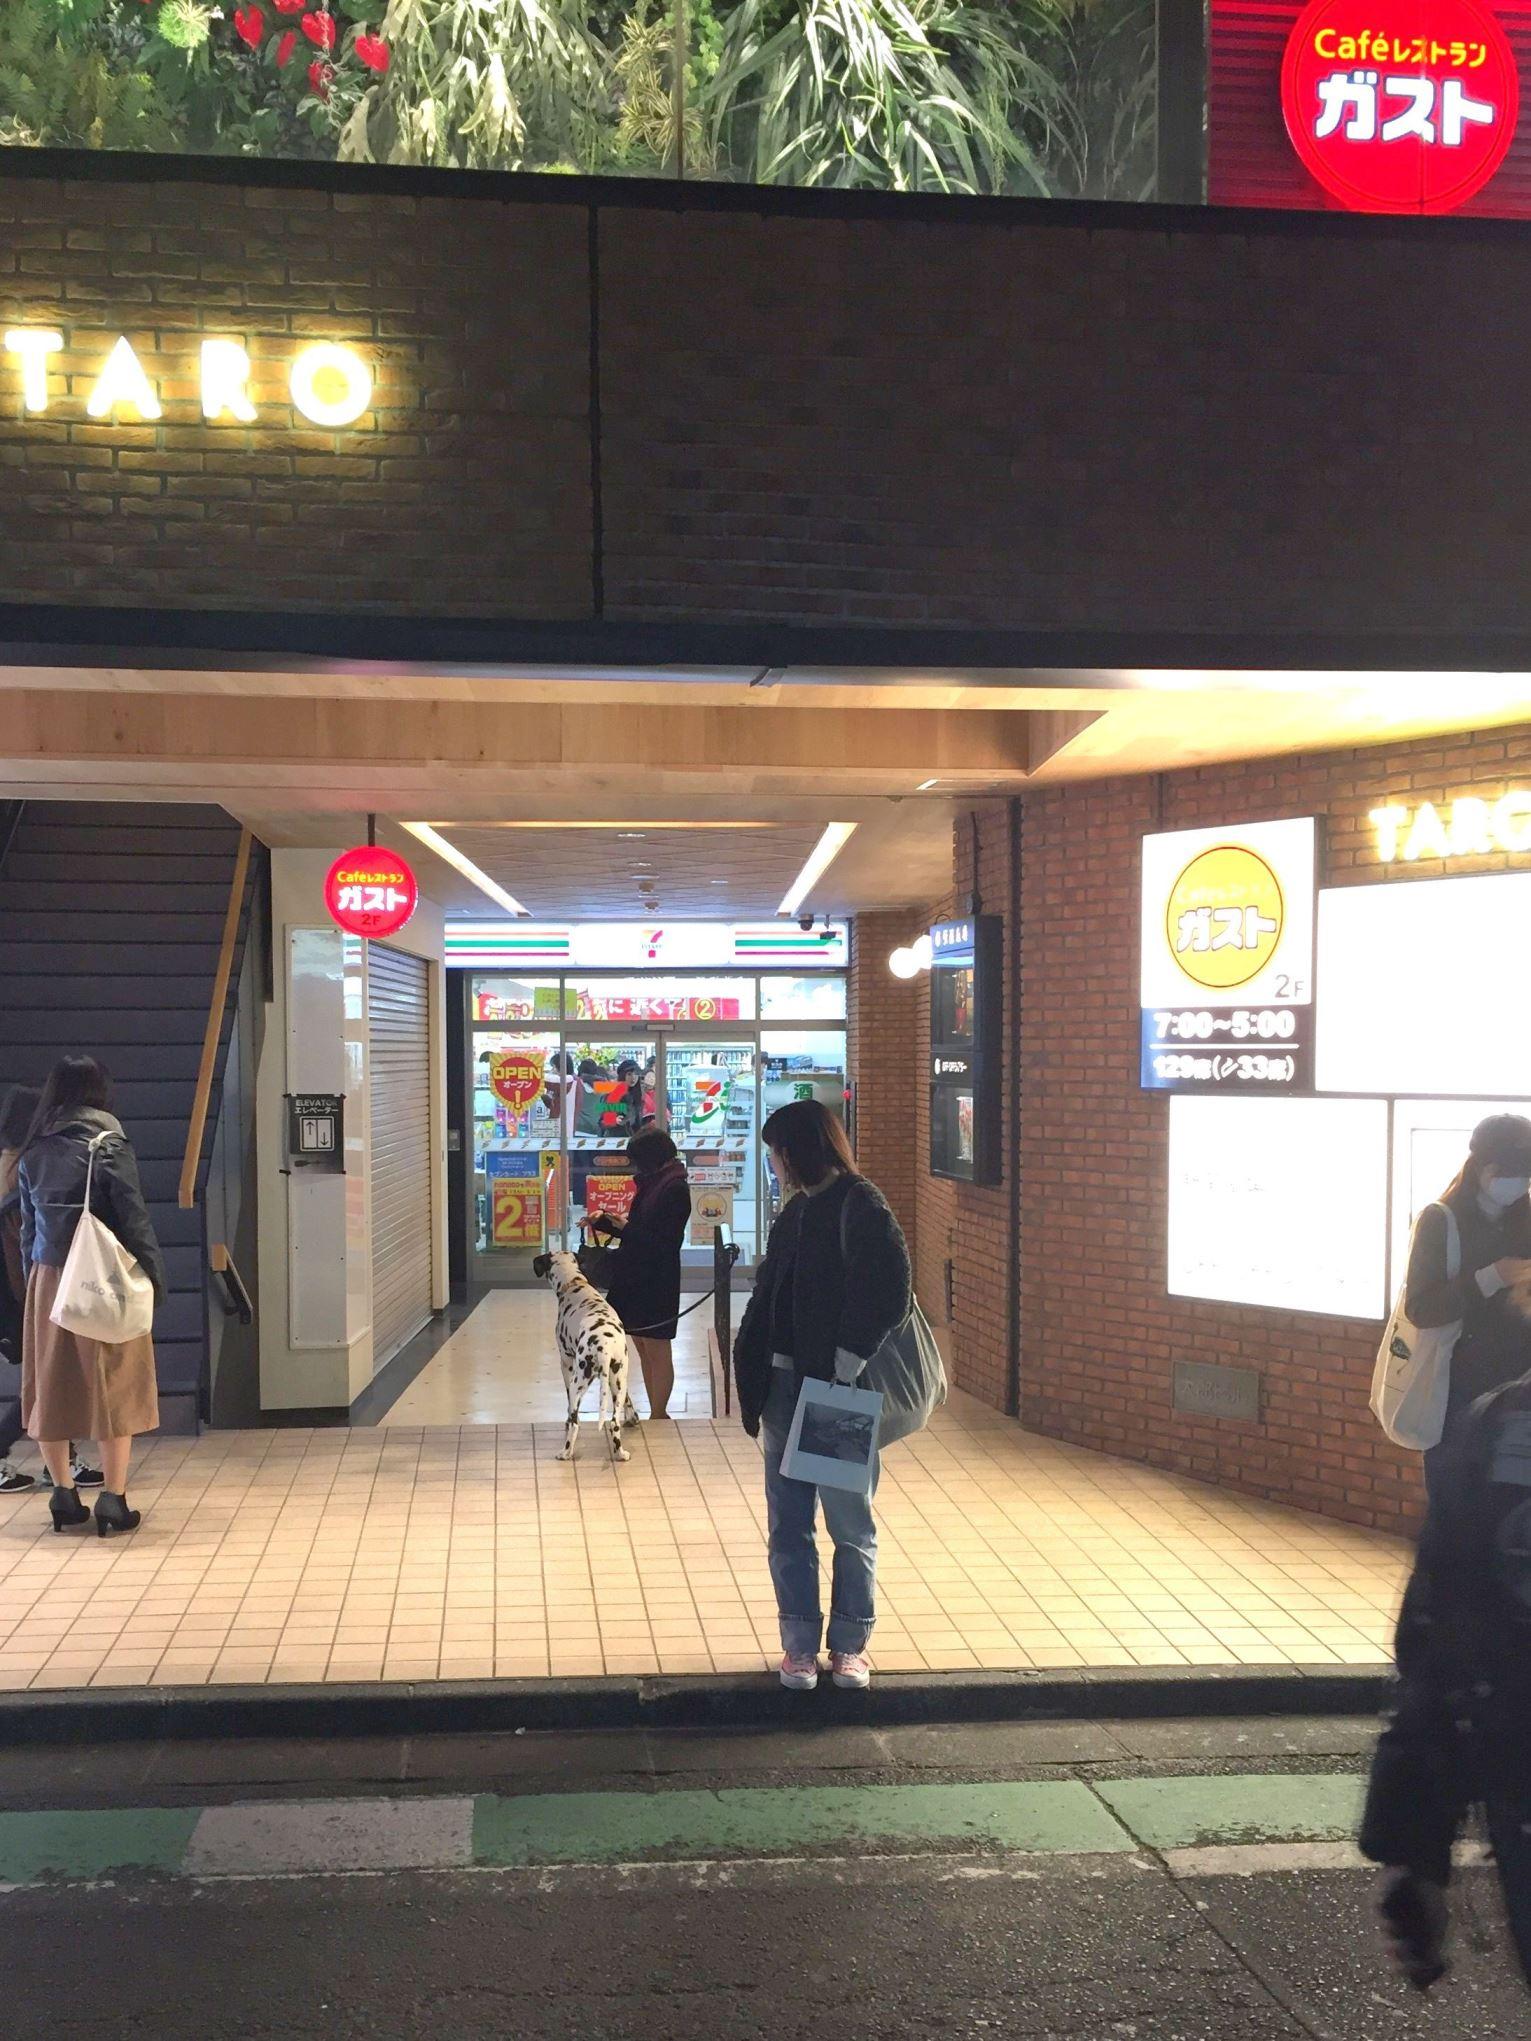 下北沢駅南口の目の前に「セブンイレブン下北沢駅南口店」がオープン